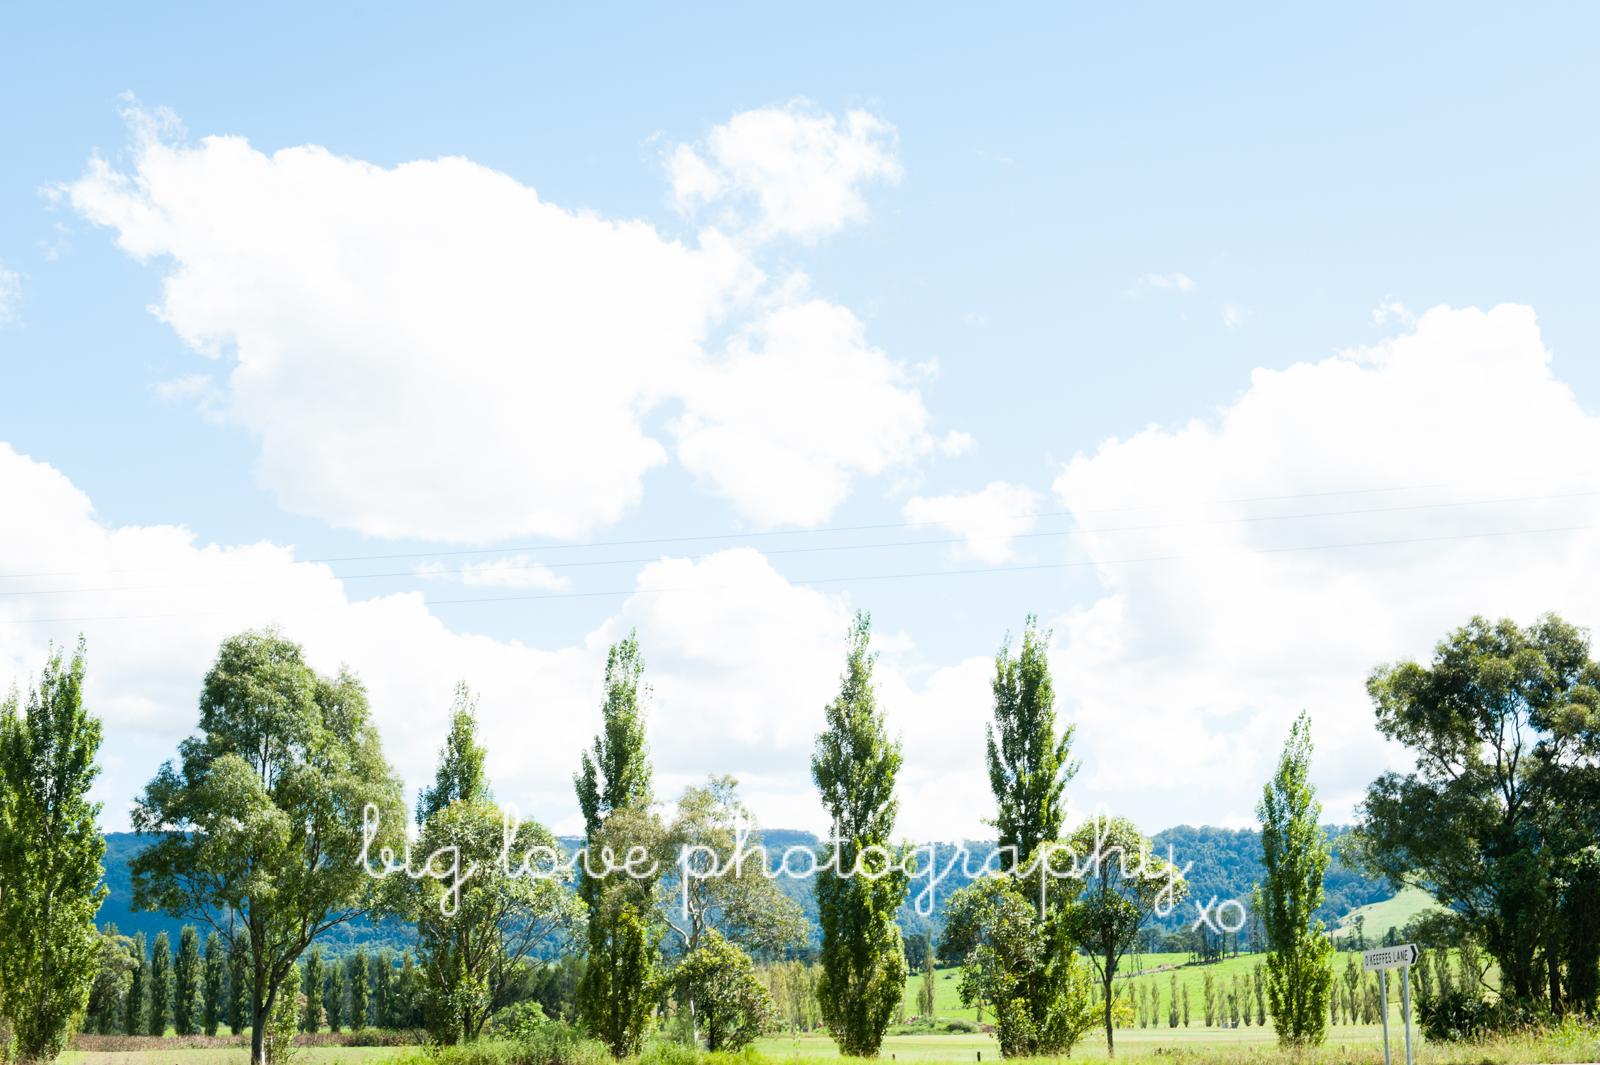 sydneyweddingphotographer-1001.jpg